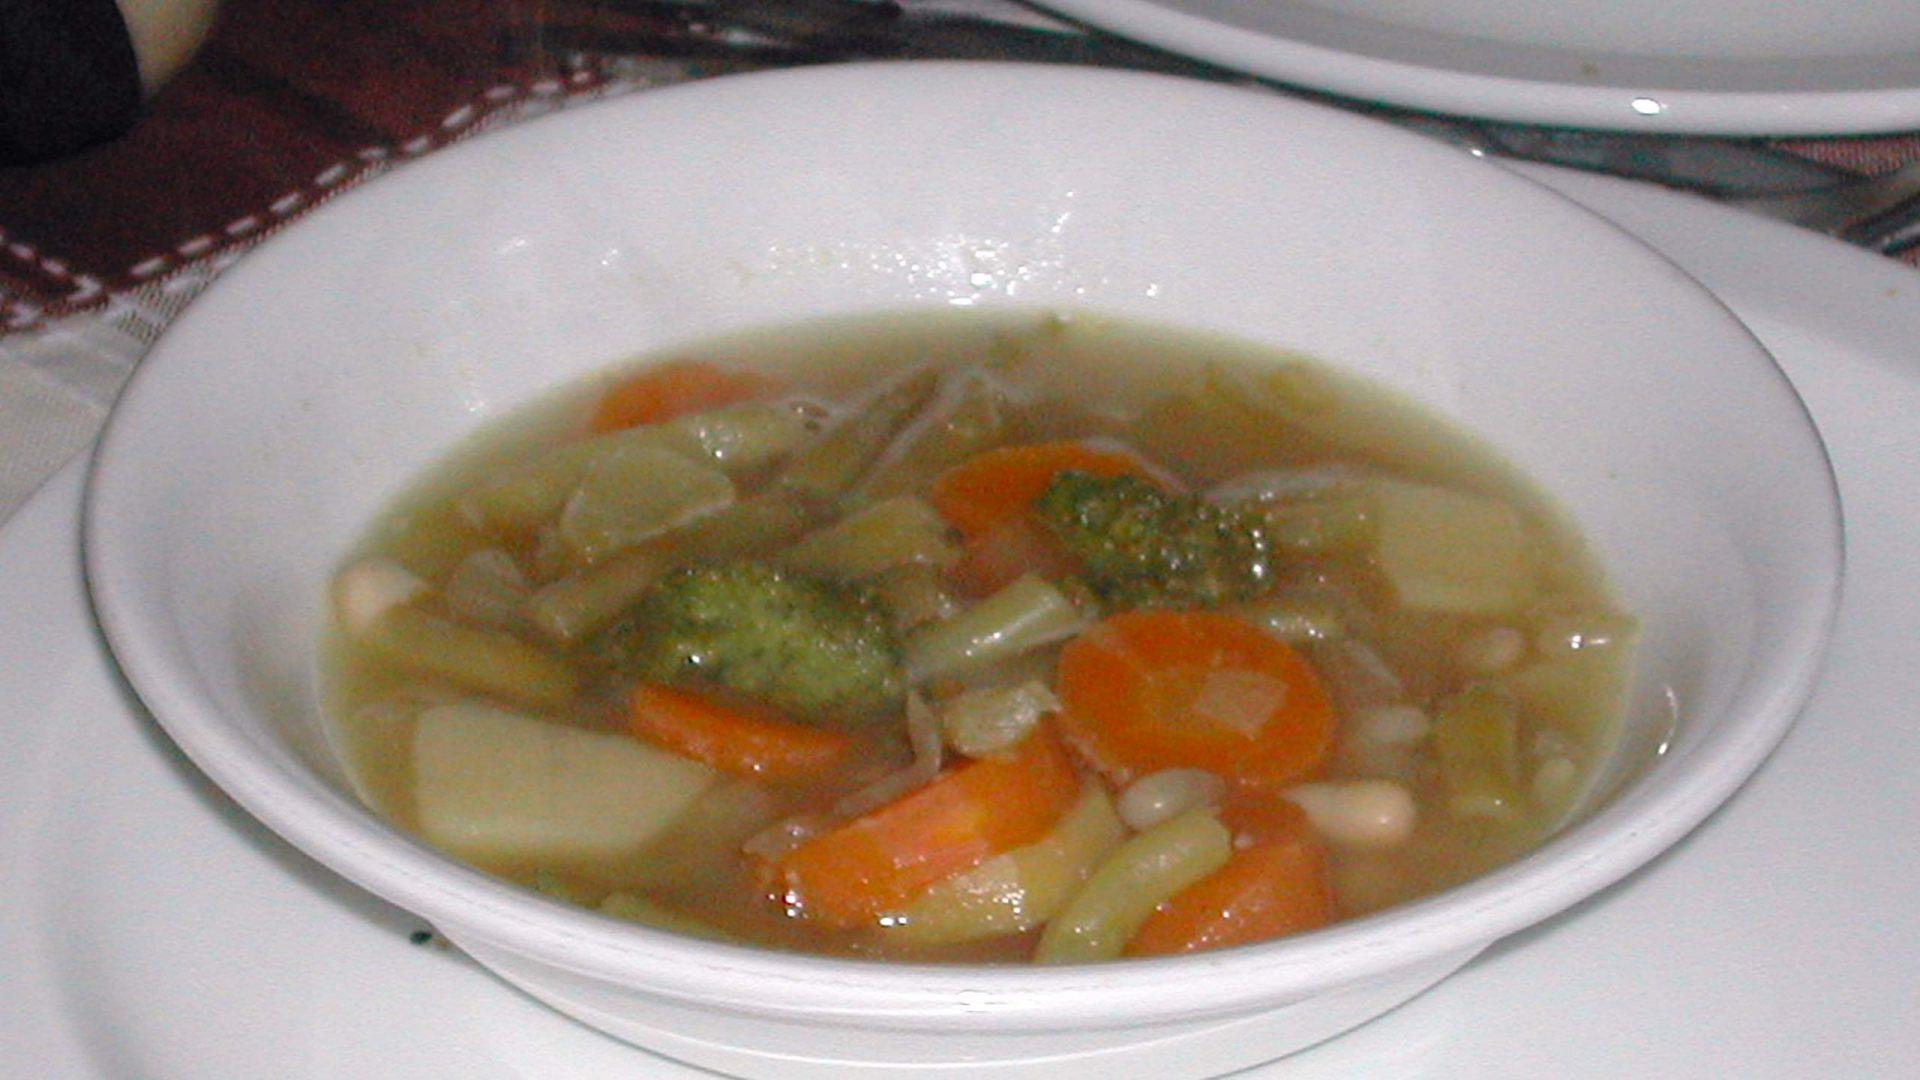 מרק ירקות פרובינסיאלי עם פסטו